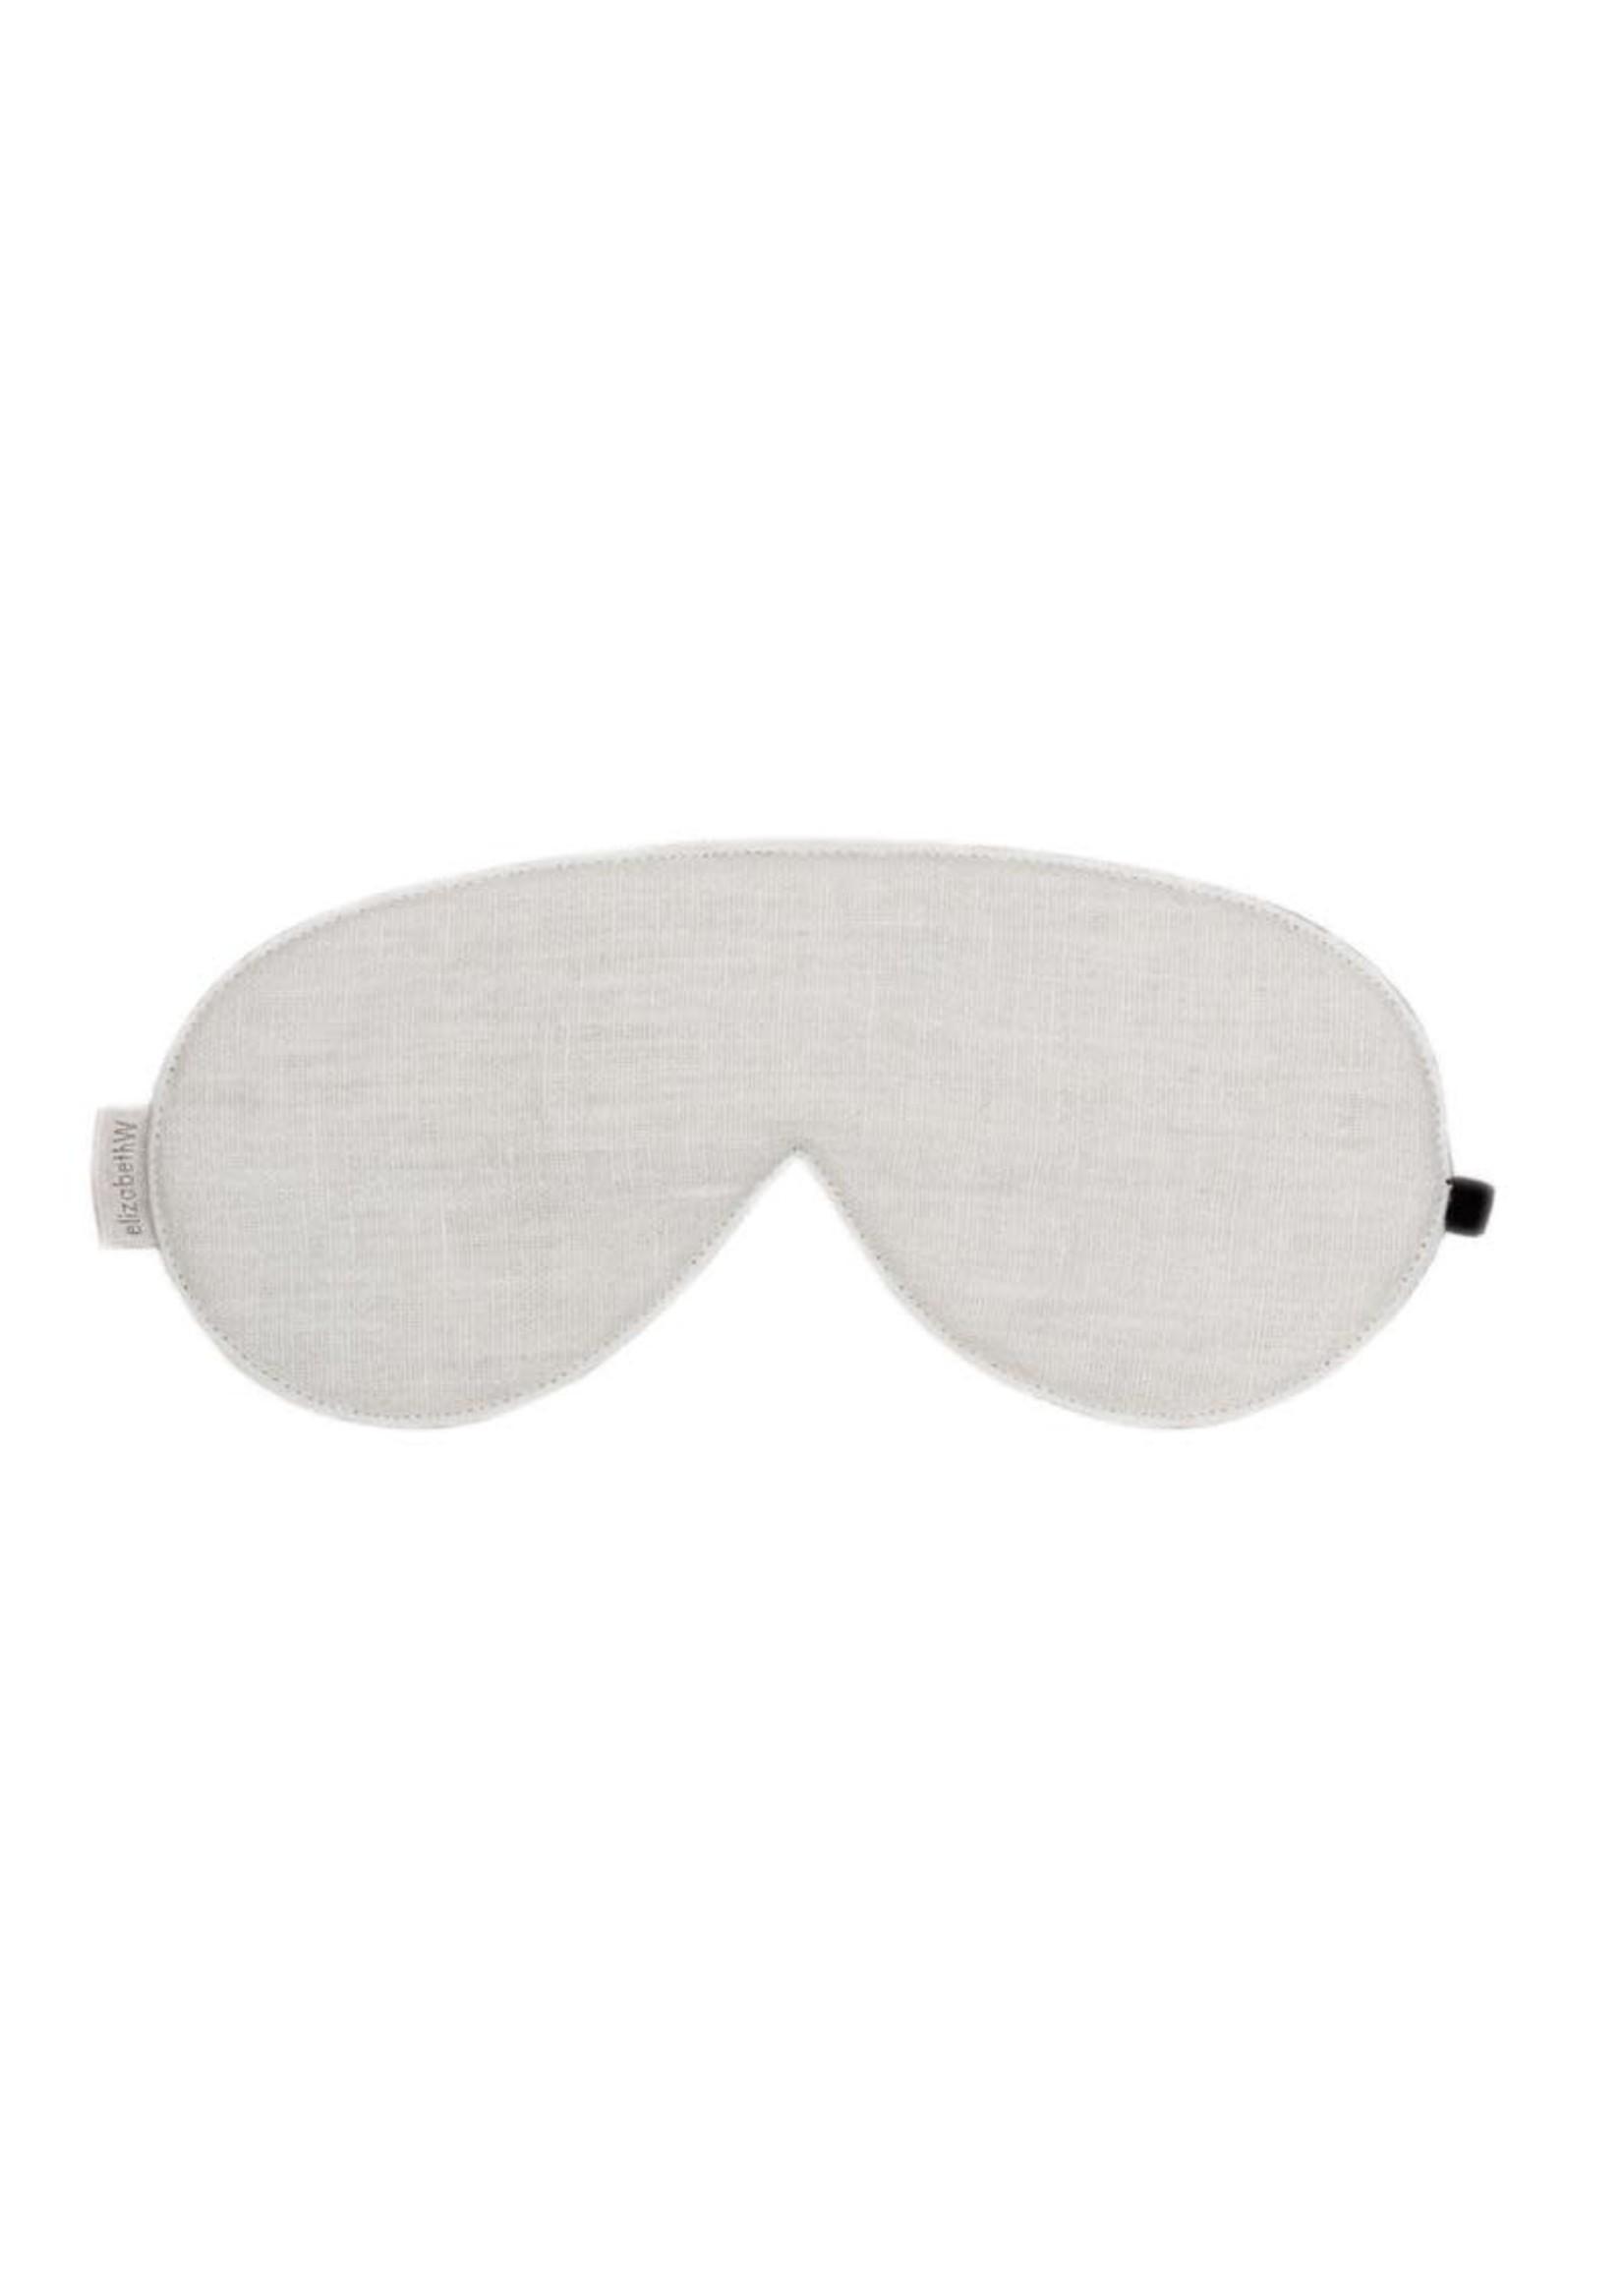 Elizabeth W Washed Linen Eye Mask - Ivory